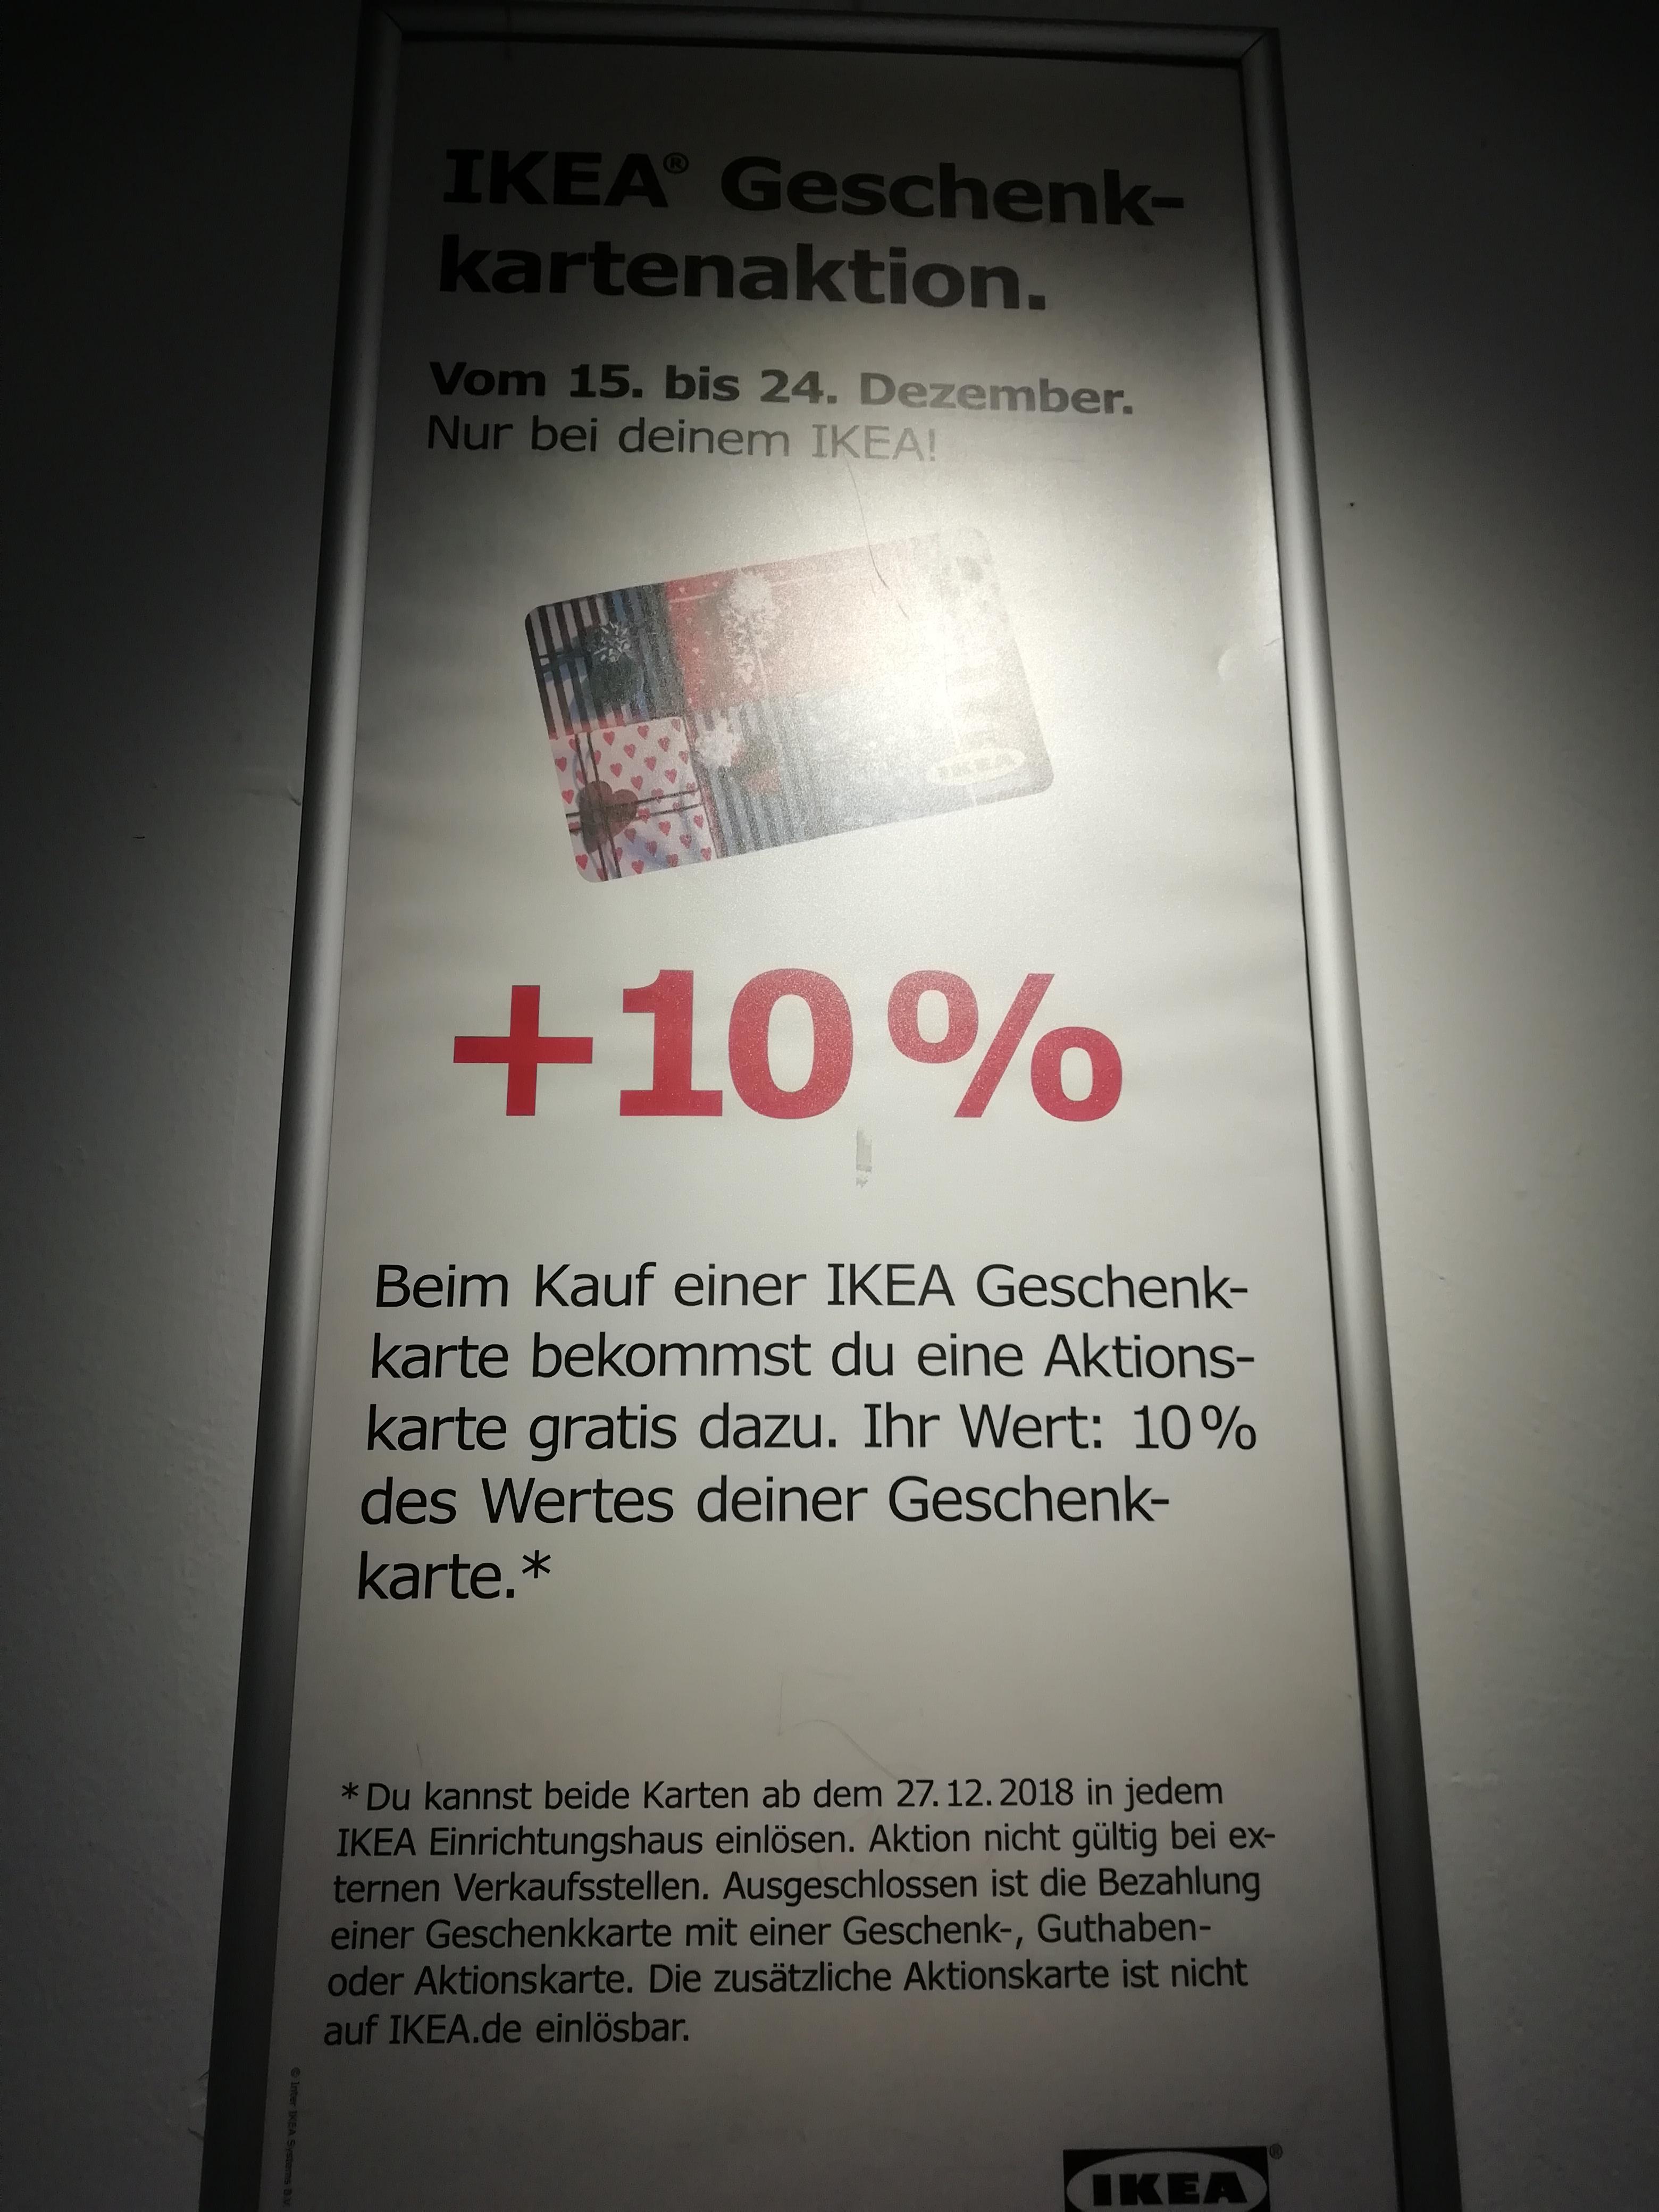 [ab 15.12.] IKEA Geschenkkarten-Aktion + 10% vom Wert als Aktionskarte